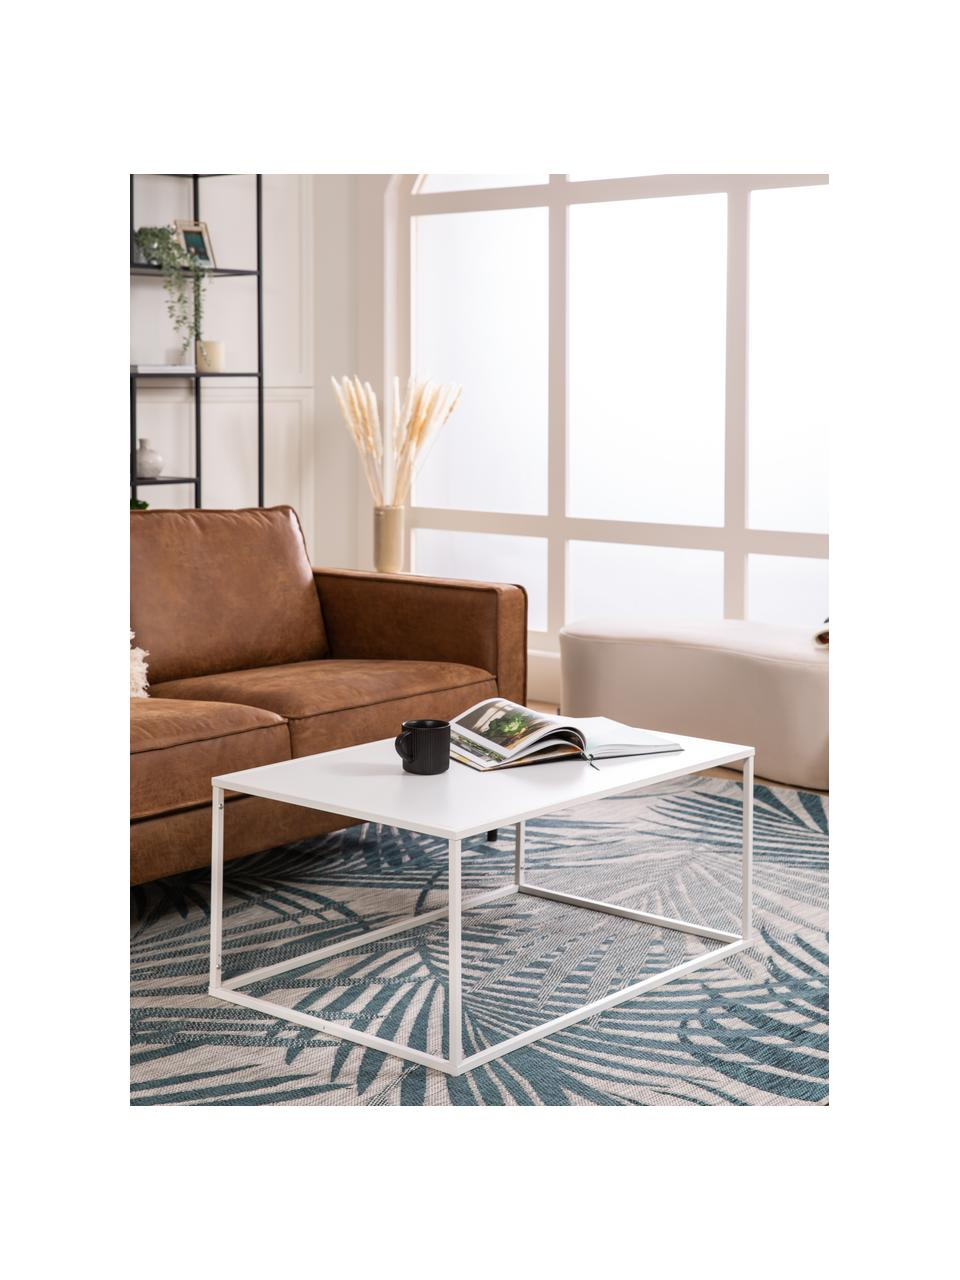 Tavolino da salotto in metallo bianco Neptun, Metallo verniciato a polvere, Bianco, Larg. 90 x Alt. 40 cm